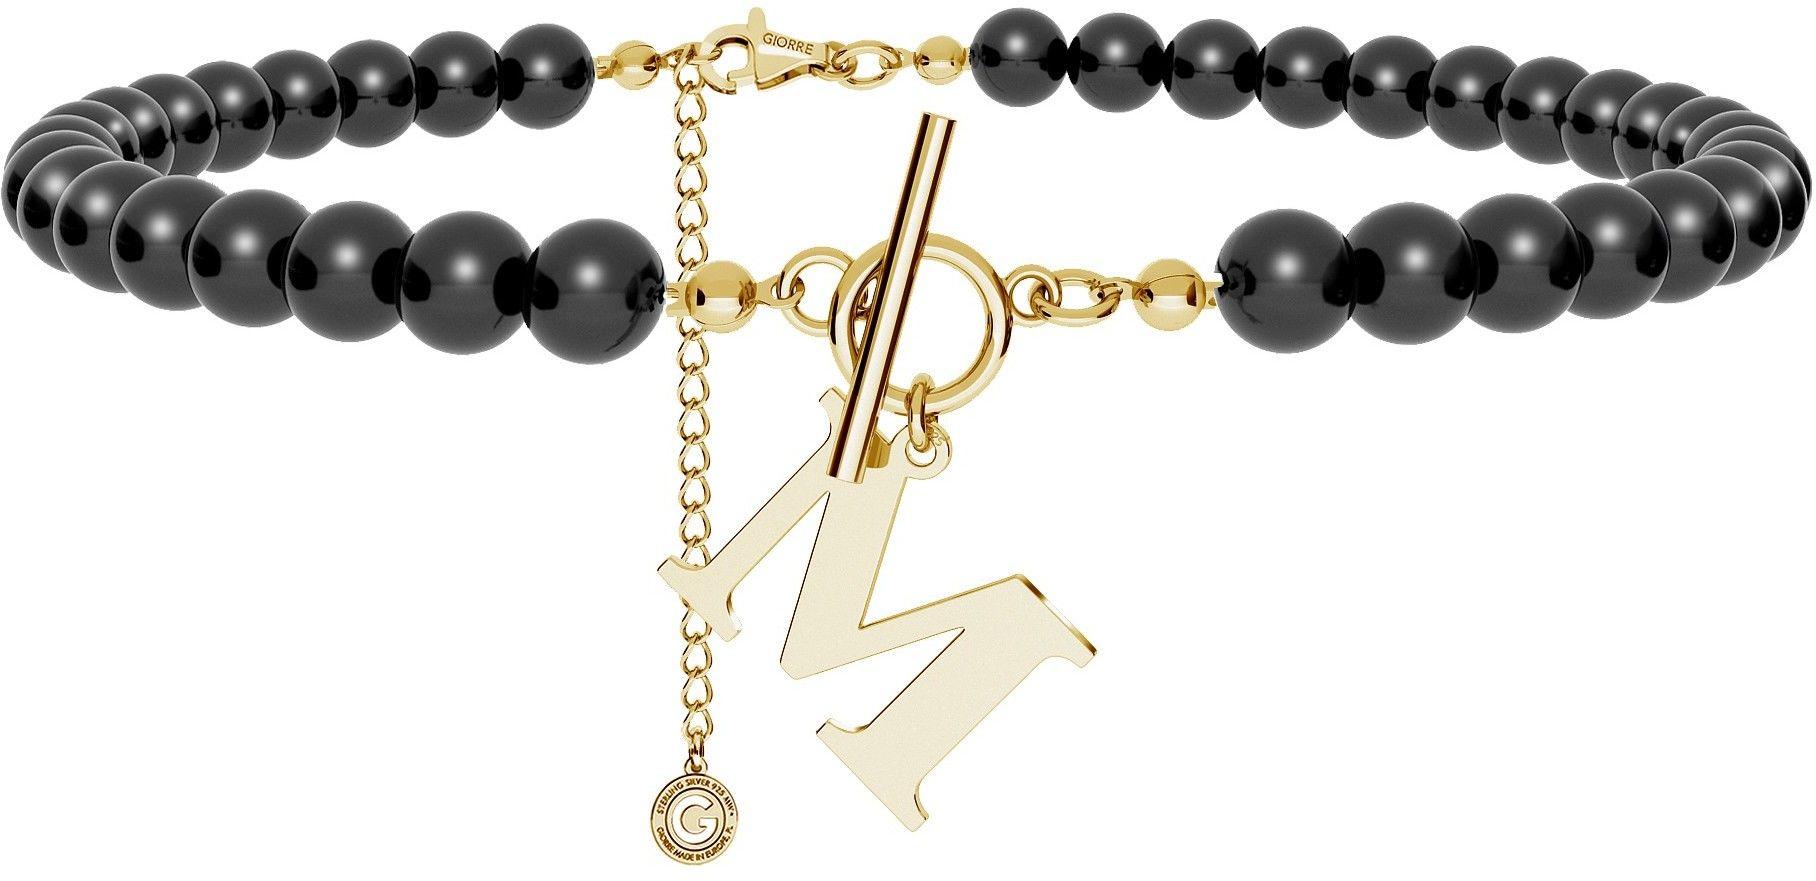 Czarny perłowy choker z dowolną literą, Swarovski, srebro 925 : Litera - S, Srebro - kolor pokrycia - Pokrycie żółtym 18K złotem